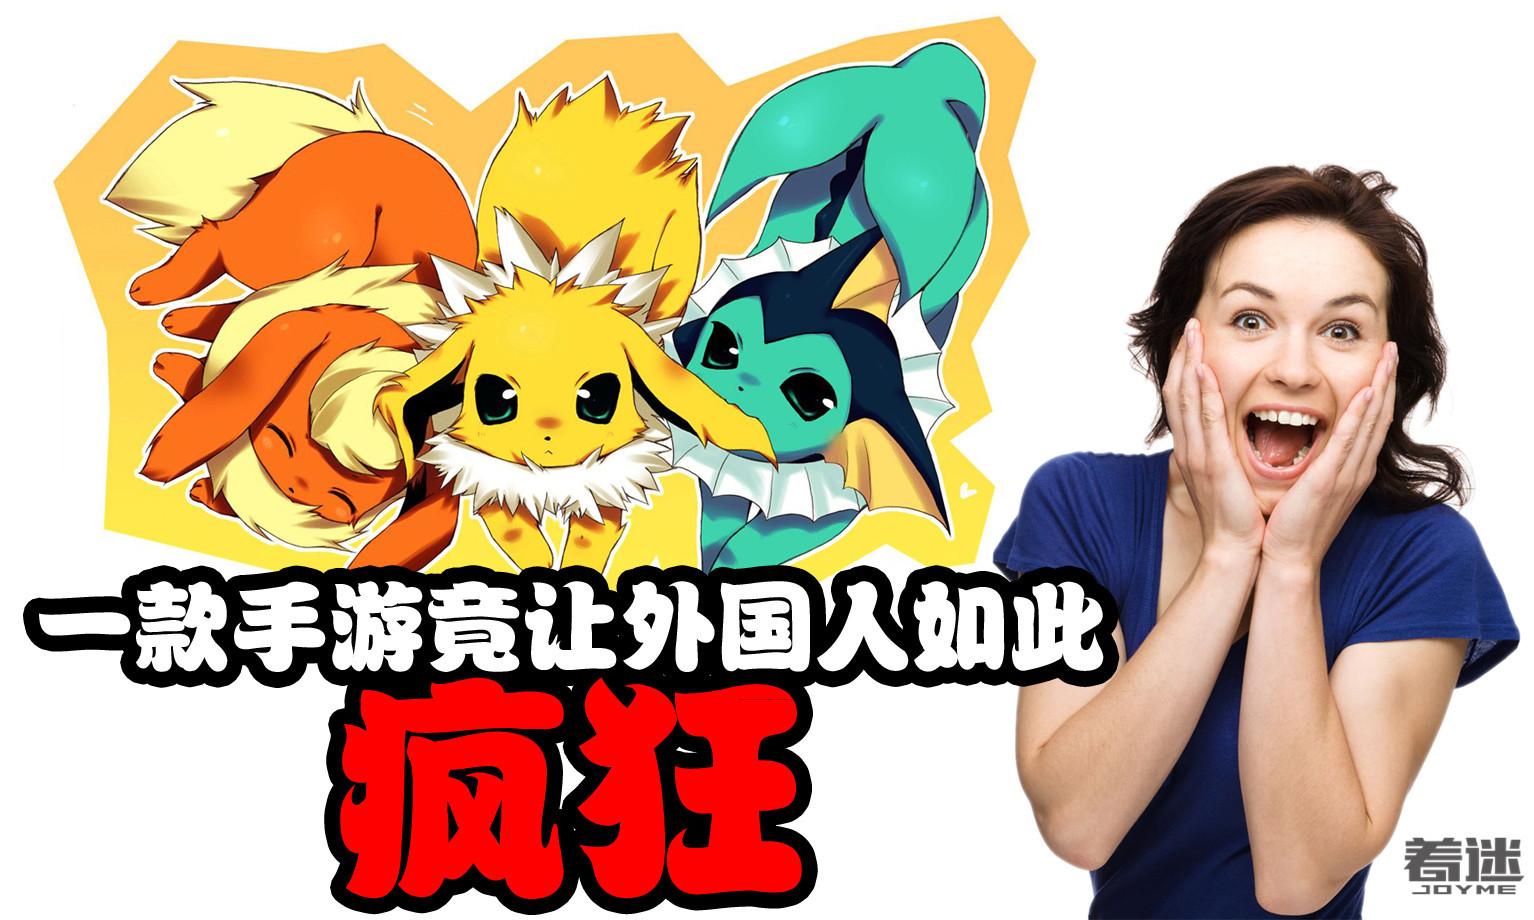 pokemongo,口袋妖怪GO,pokemongo火爆